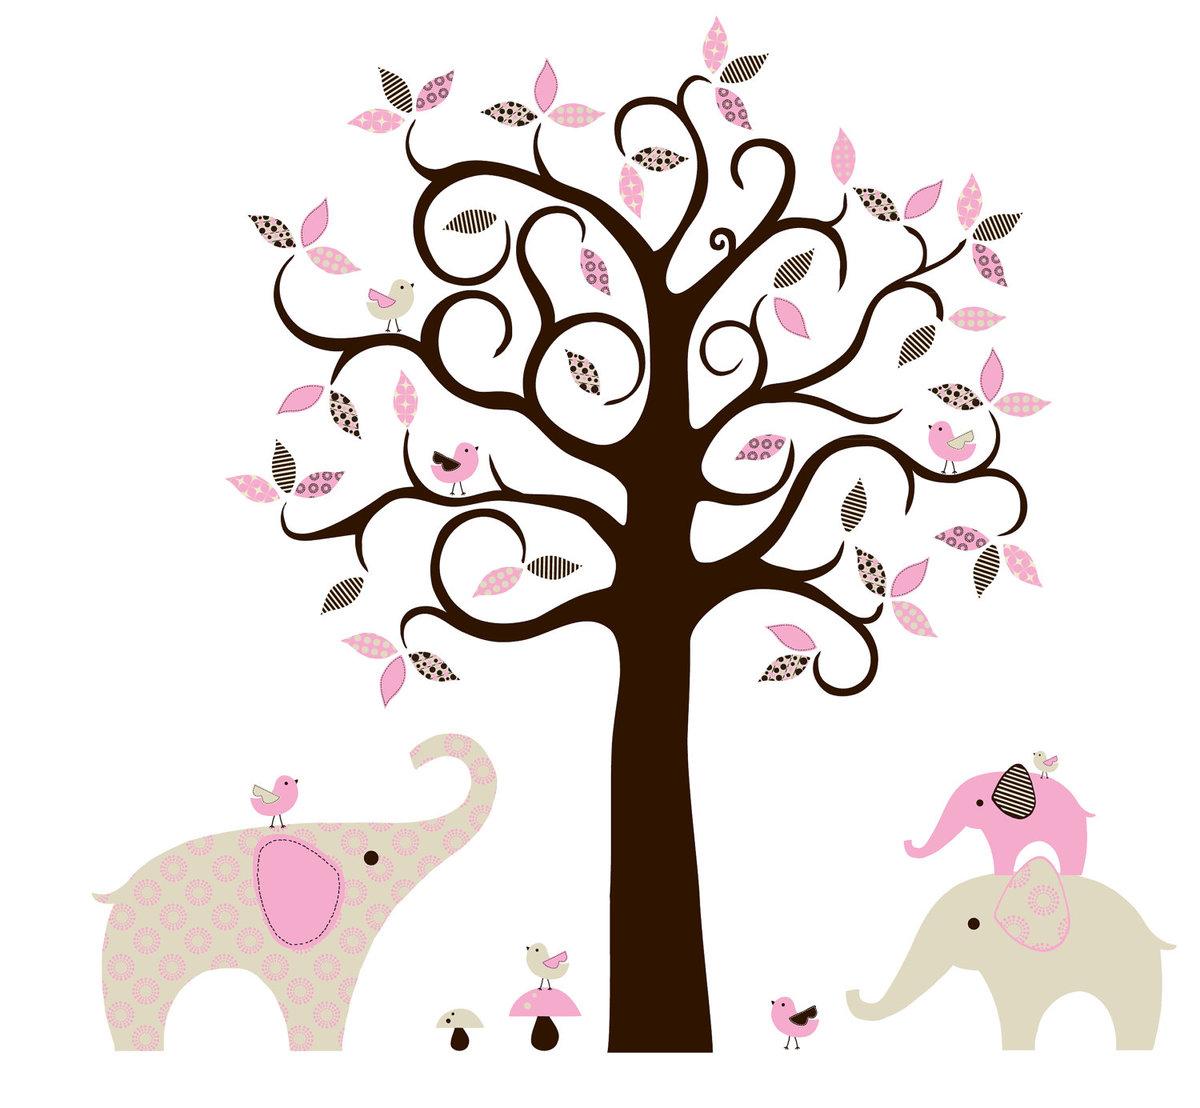 двуустка открытка дерево желаний был редактором